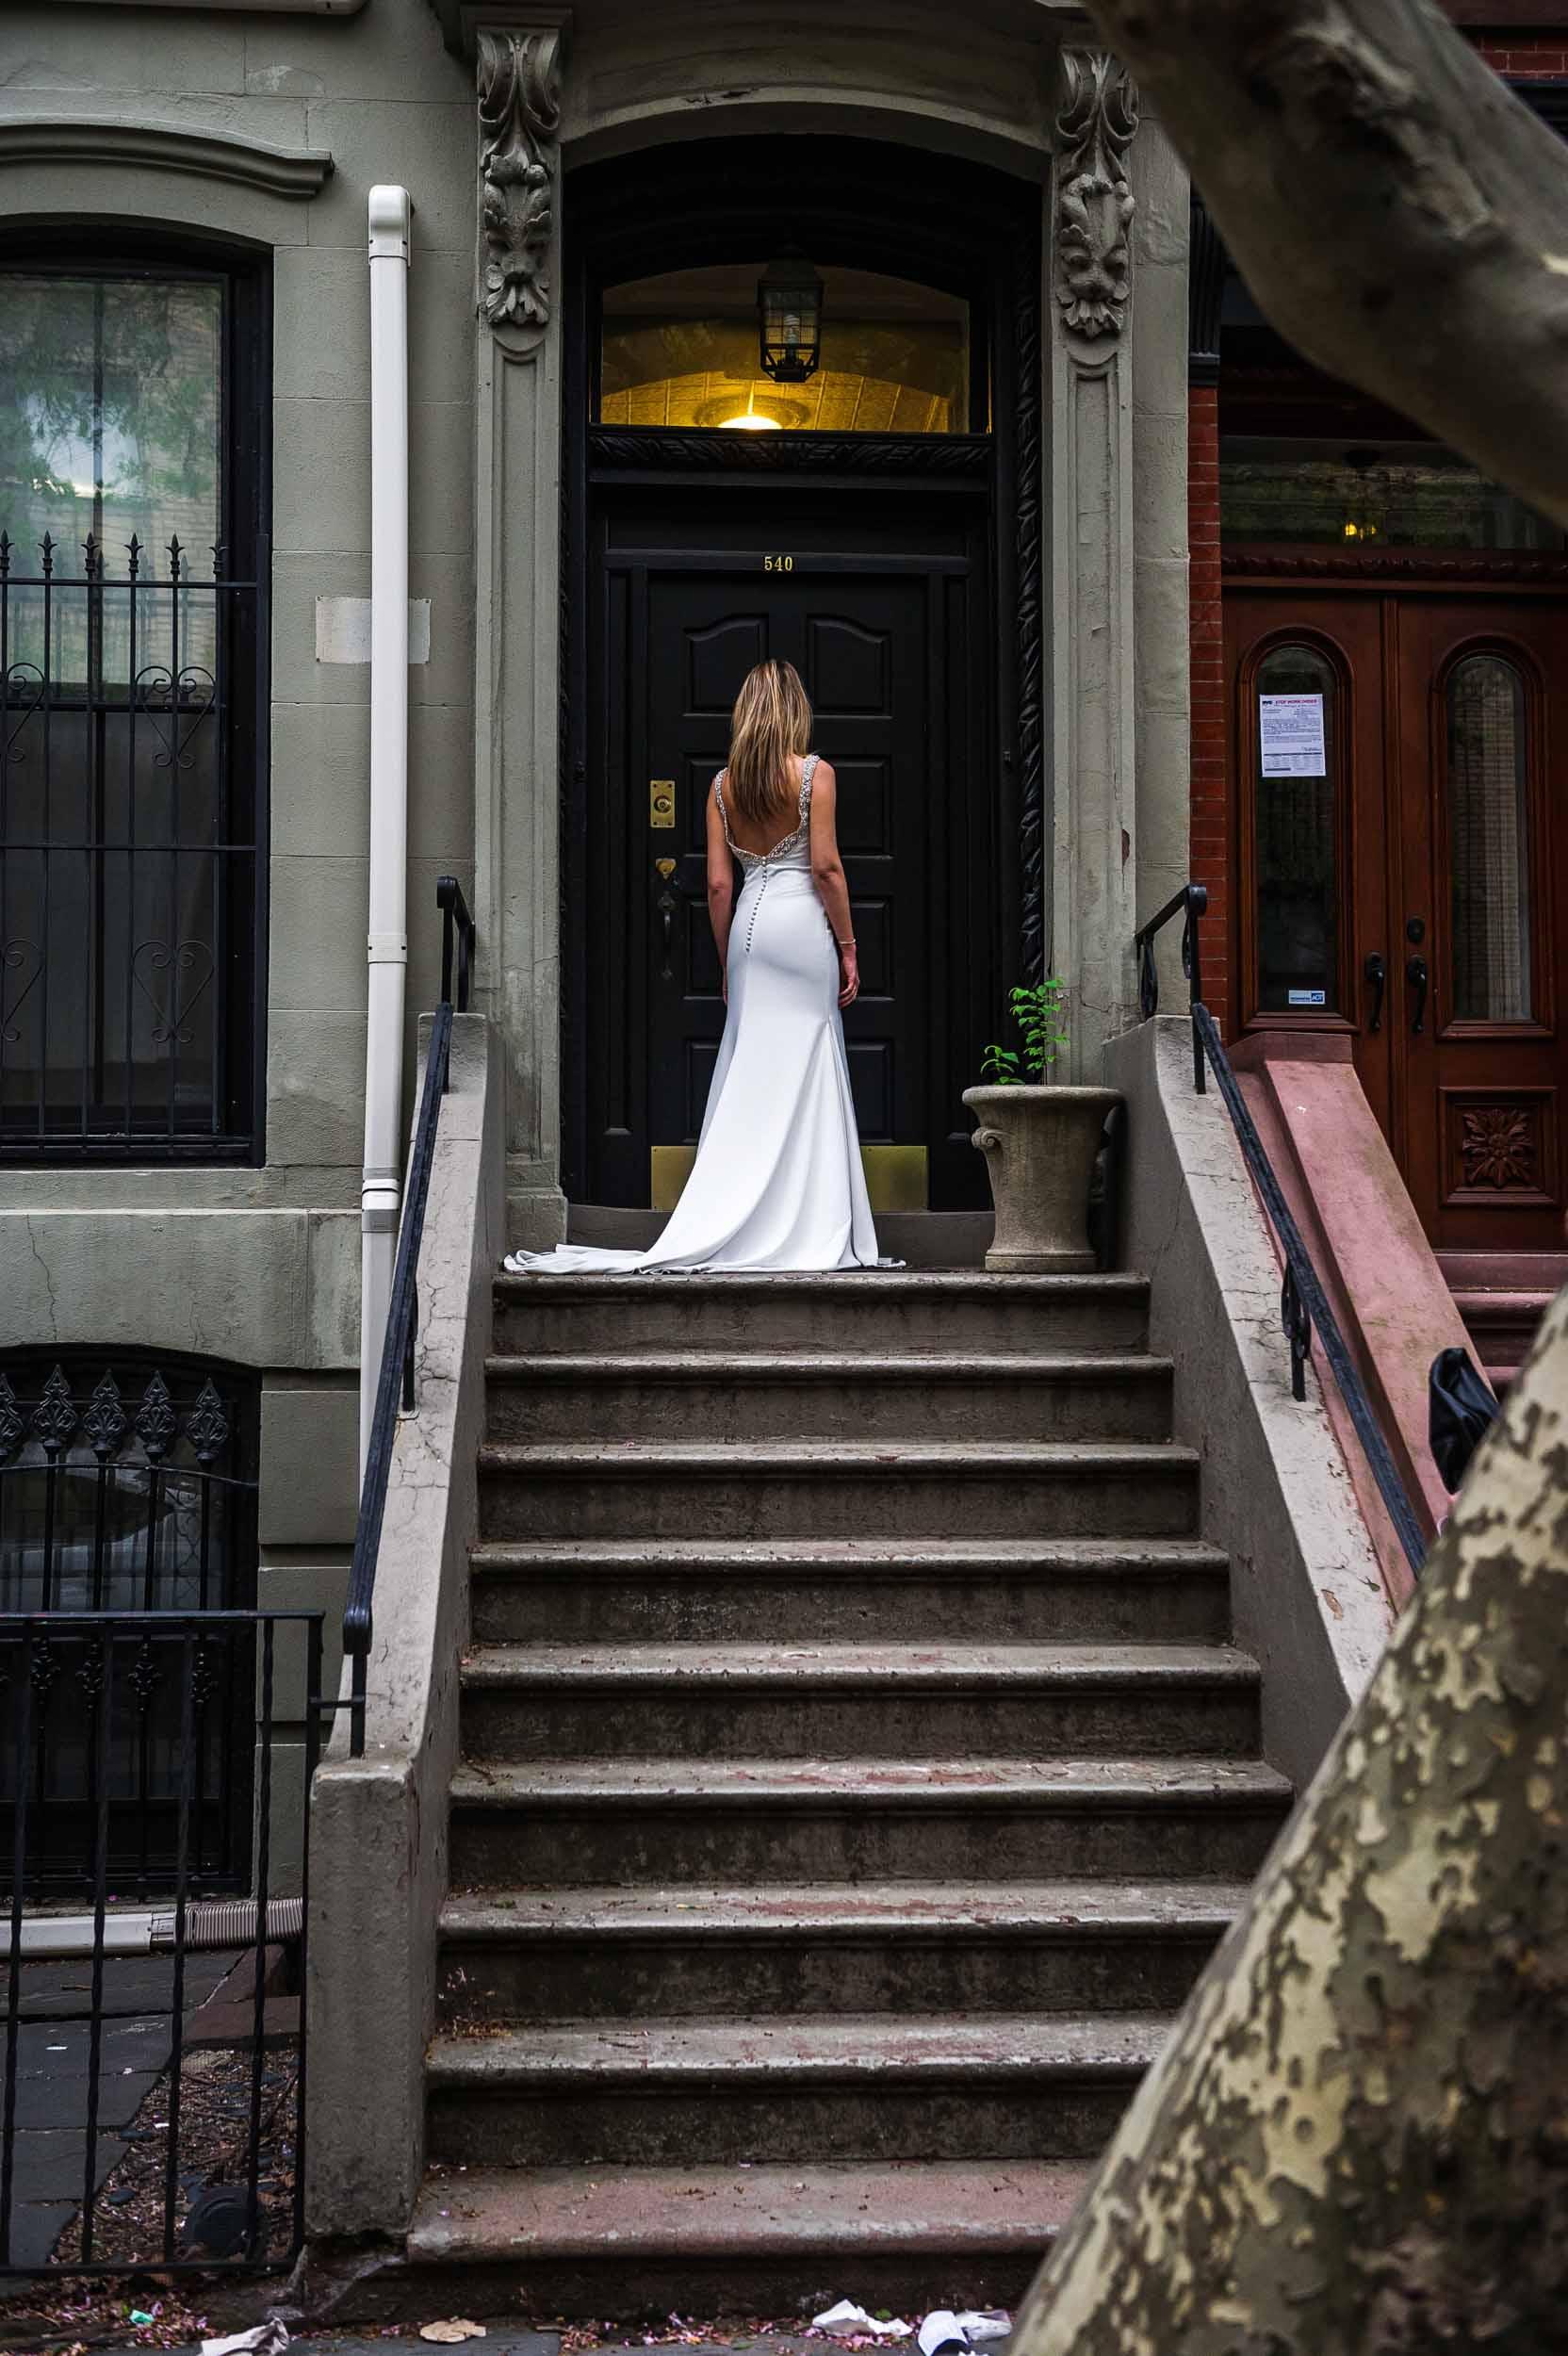 Post boda en Nueva York. 2018 14